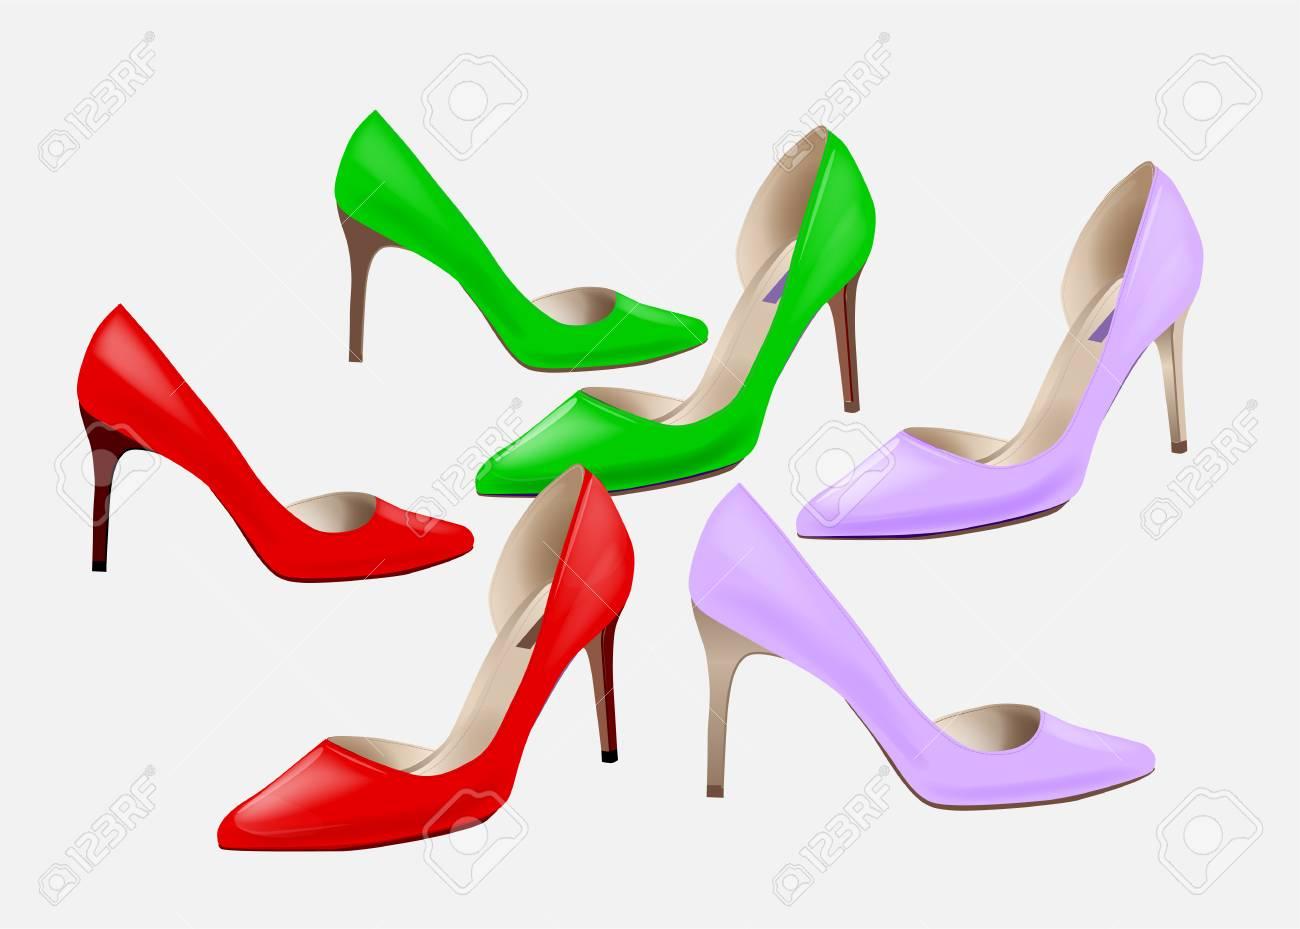 57ea0cd1 Moda Para Mujer De Los Zapatos De Tacón Alto De Colores. Conjunto De Zapatos  De Tacón Alto. Chicas Elegantes Calzado. Zapatos De Tacón Alto Elegantes  Para ...